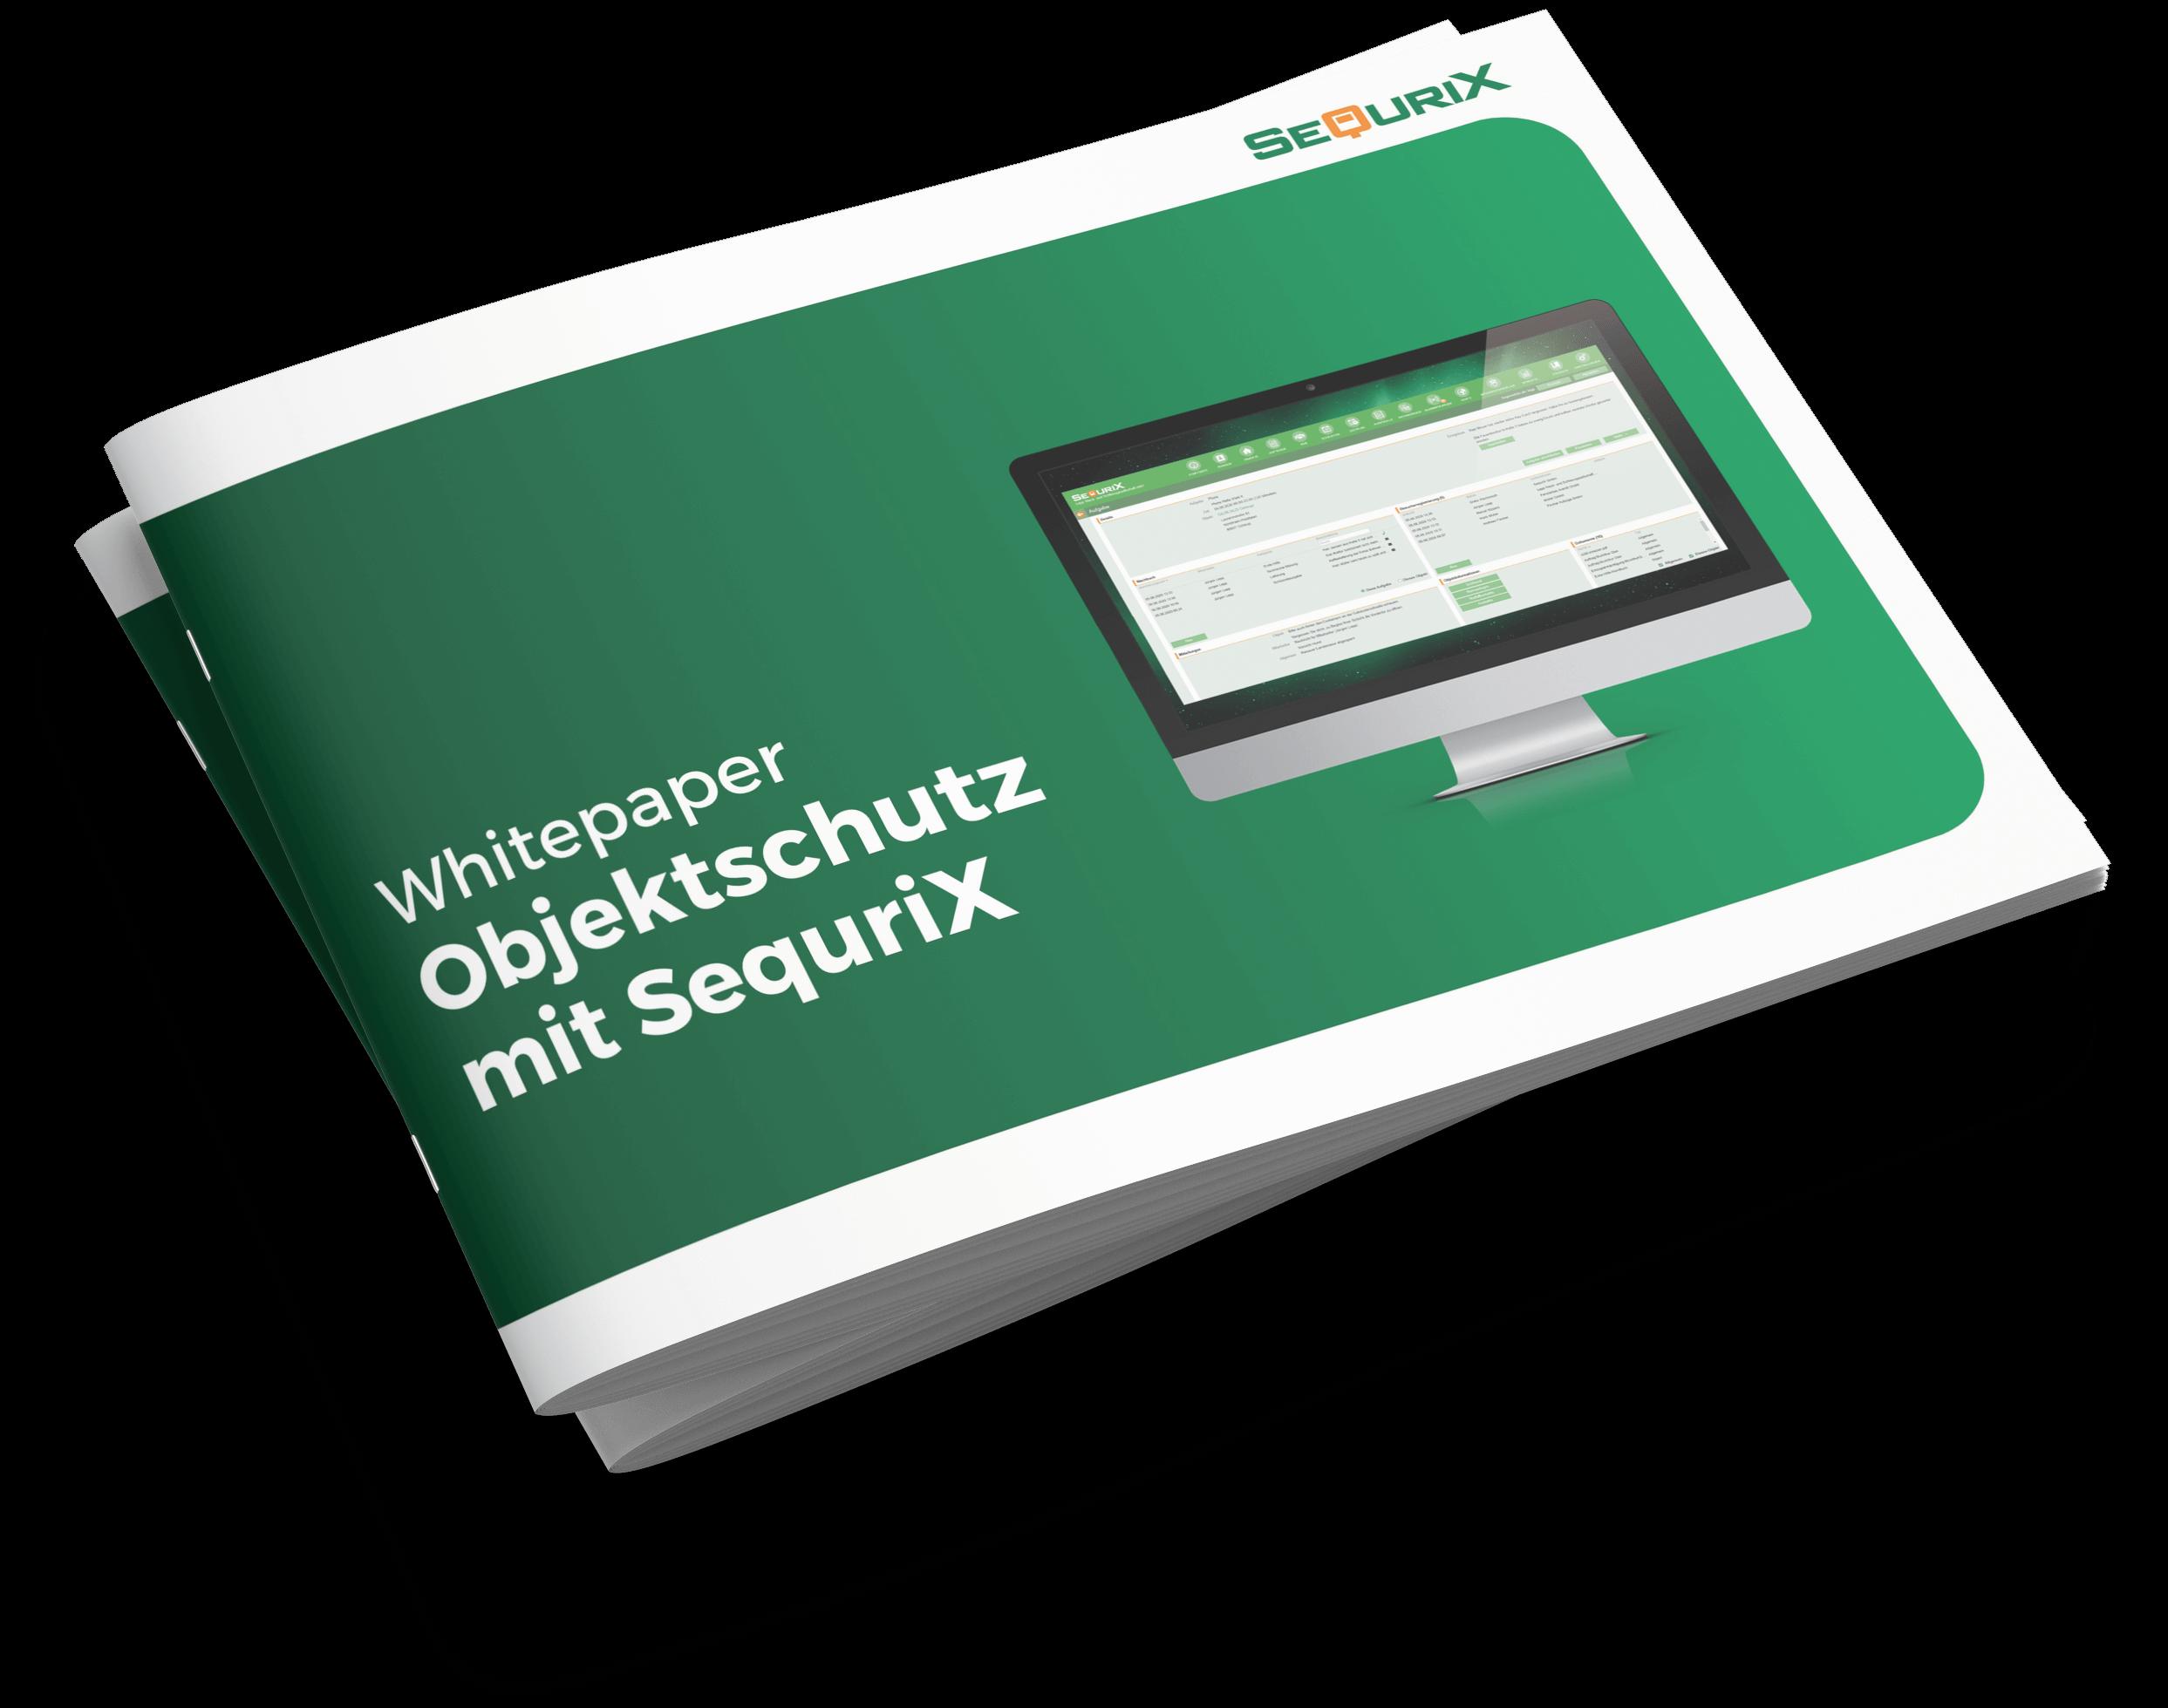 Whitepaper objektschutz mockup